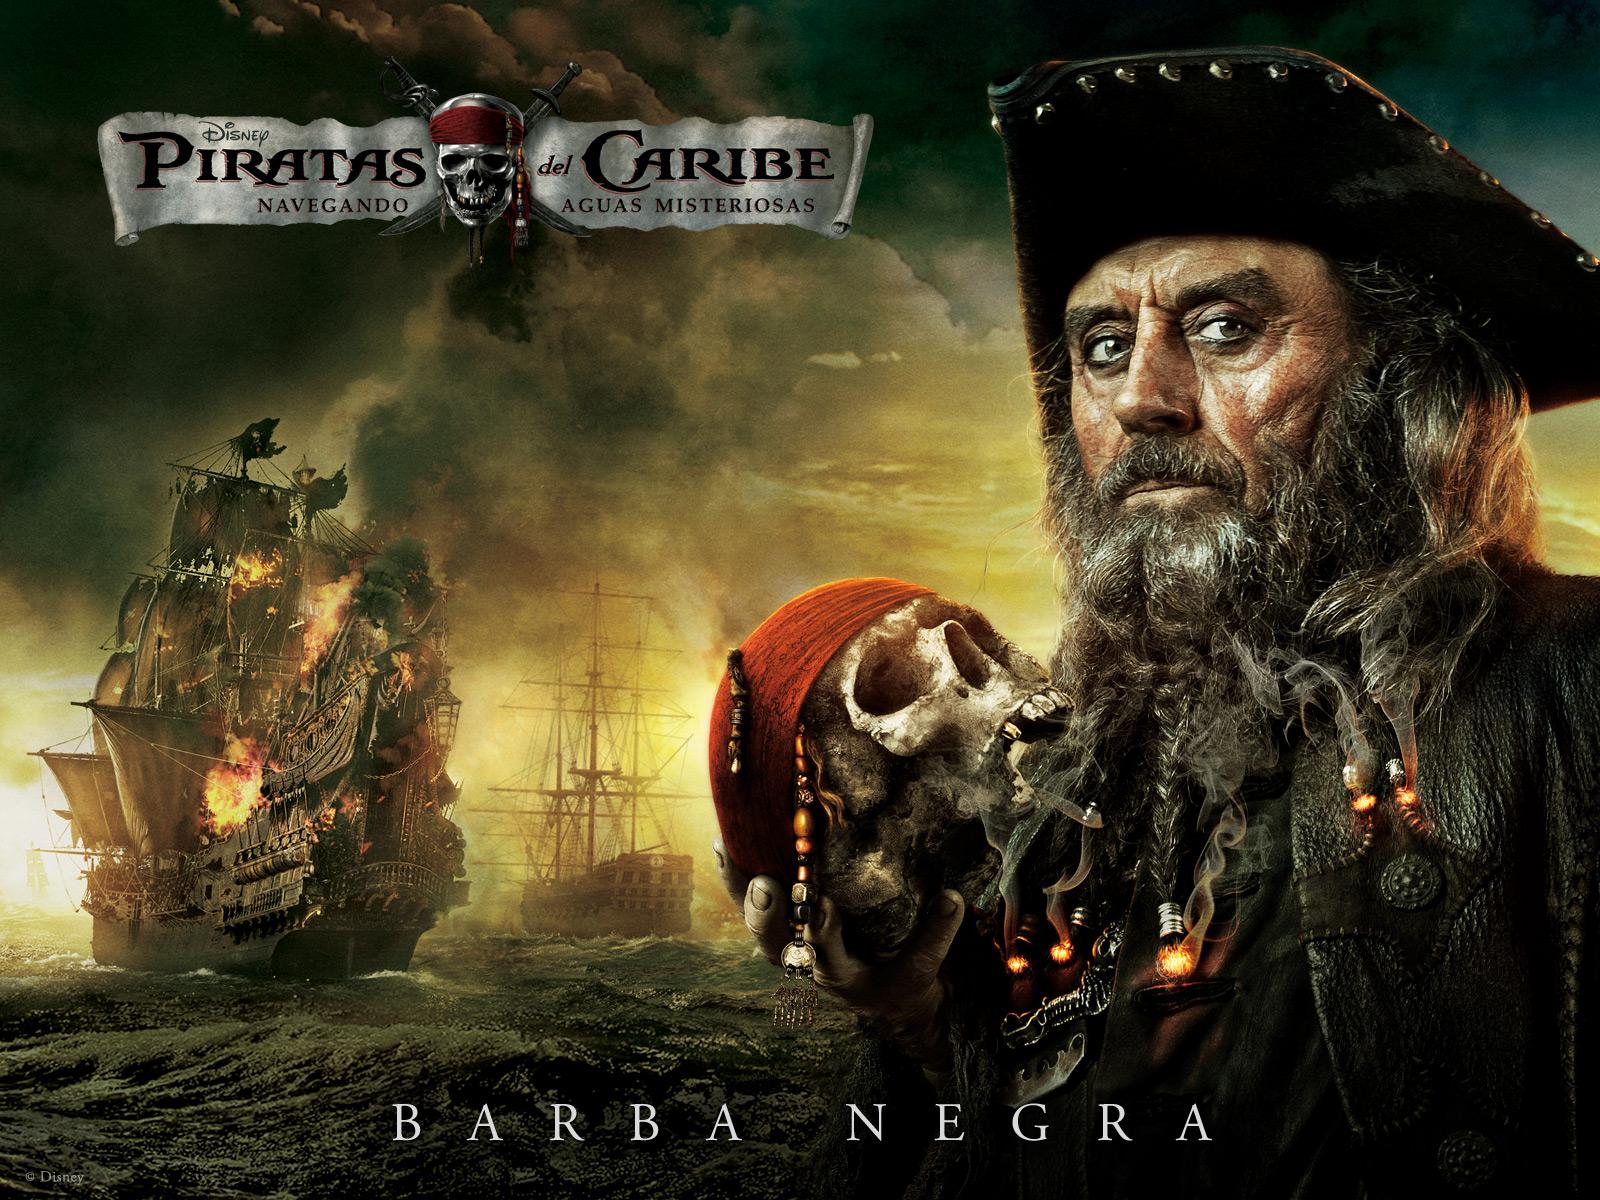 http://2.bp.blogspot.com/-i2wn-akPGFI/UED0PhtQDqI/AAAAAAAAAnA/IPXpklgiYRs/s1600/piratas-del-caribe-4-4.jpg